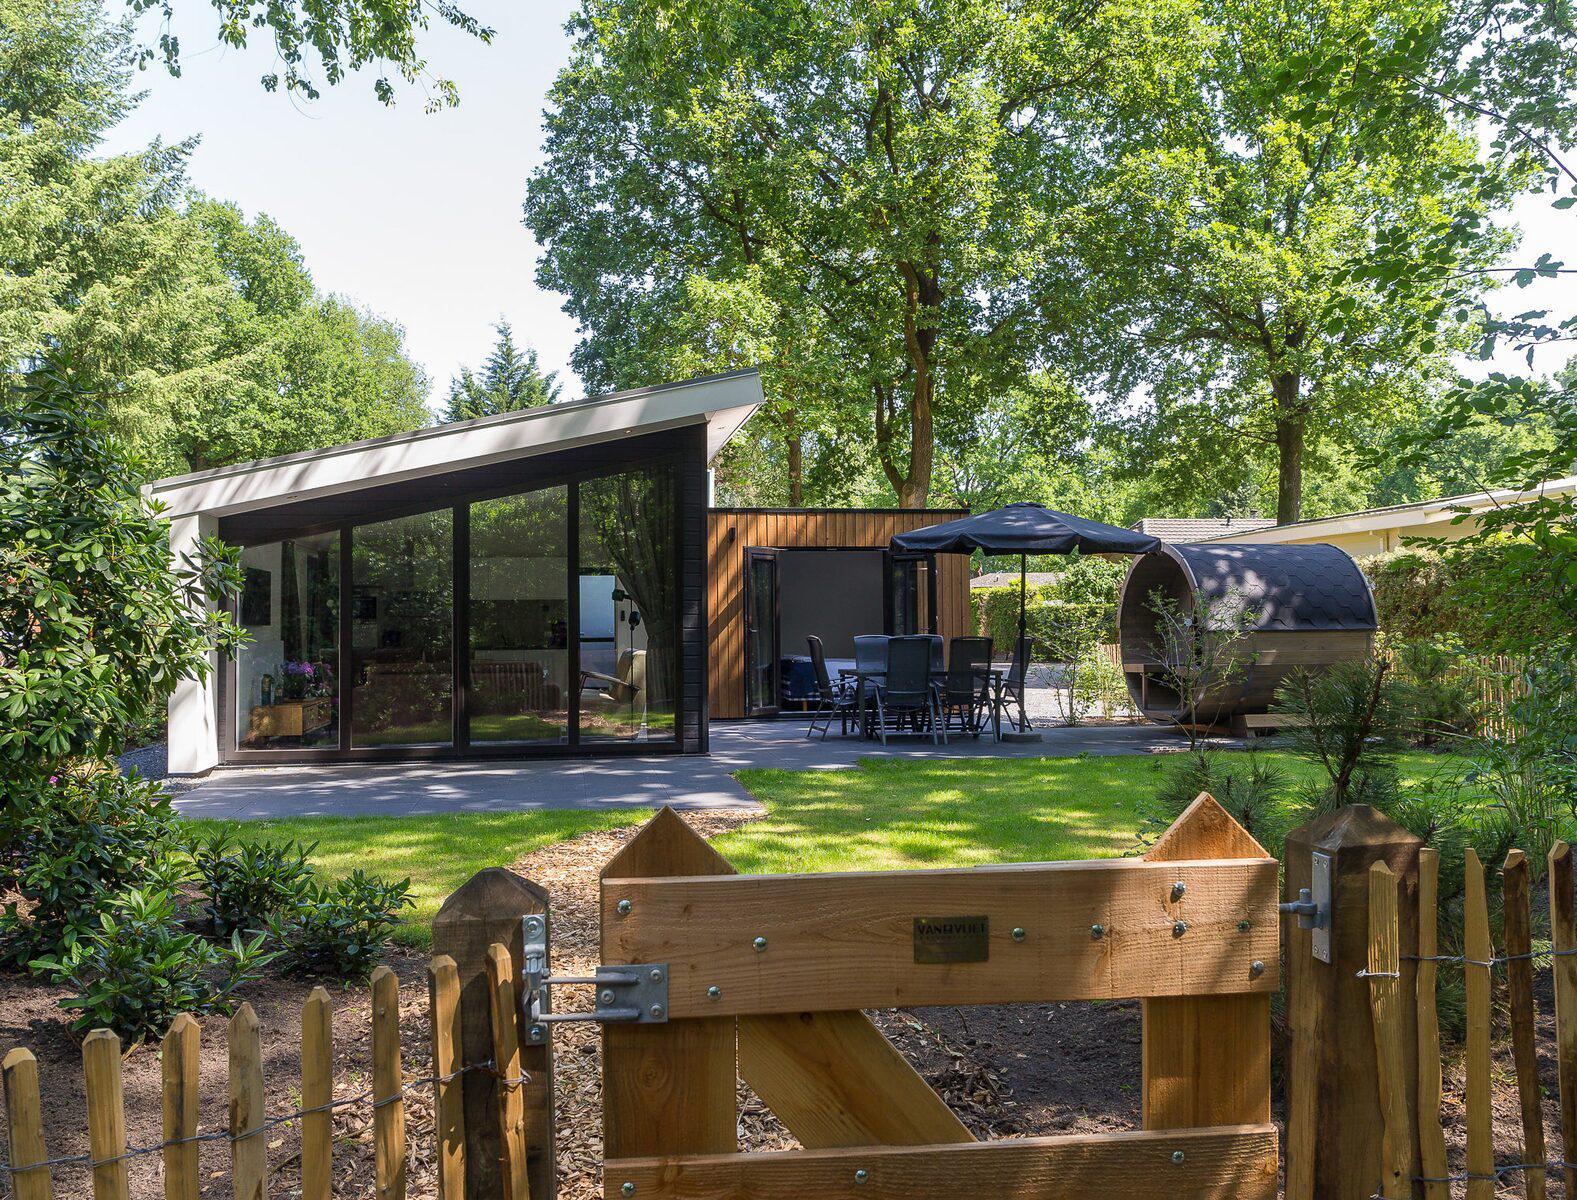 Bos Lodge 75 Eco 6 personen Sauna